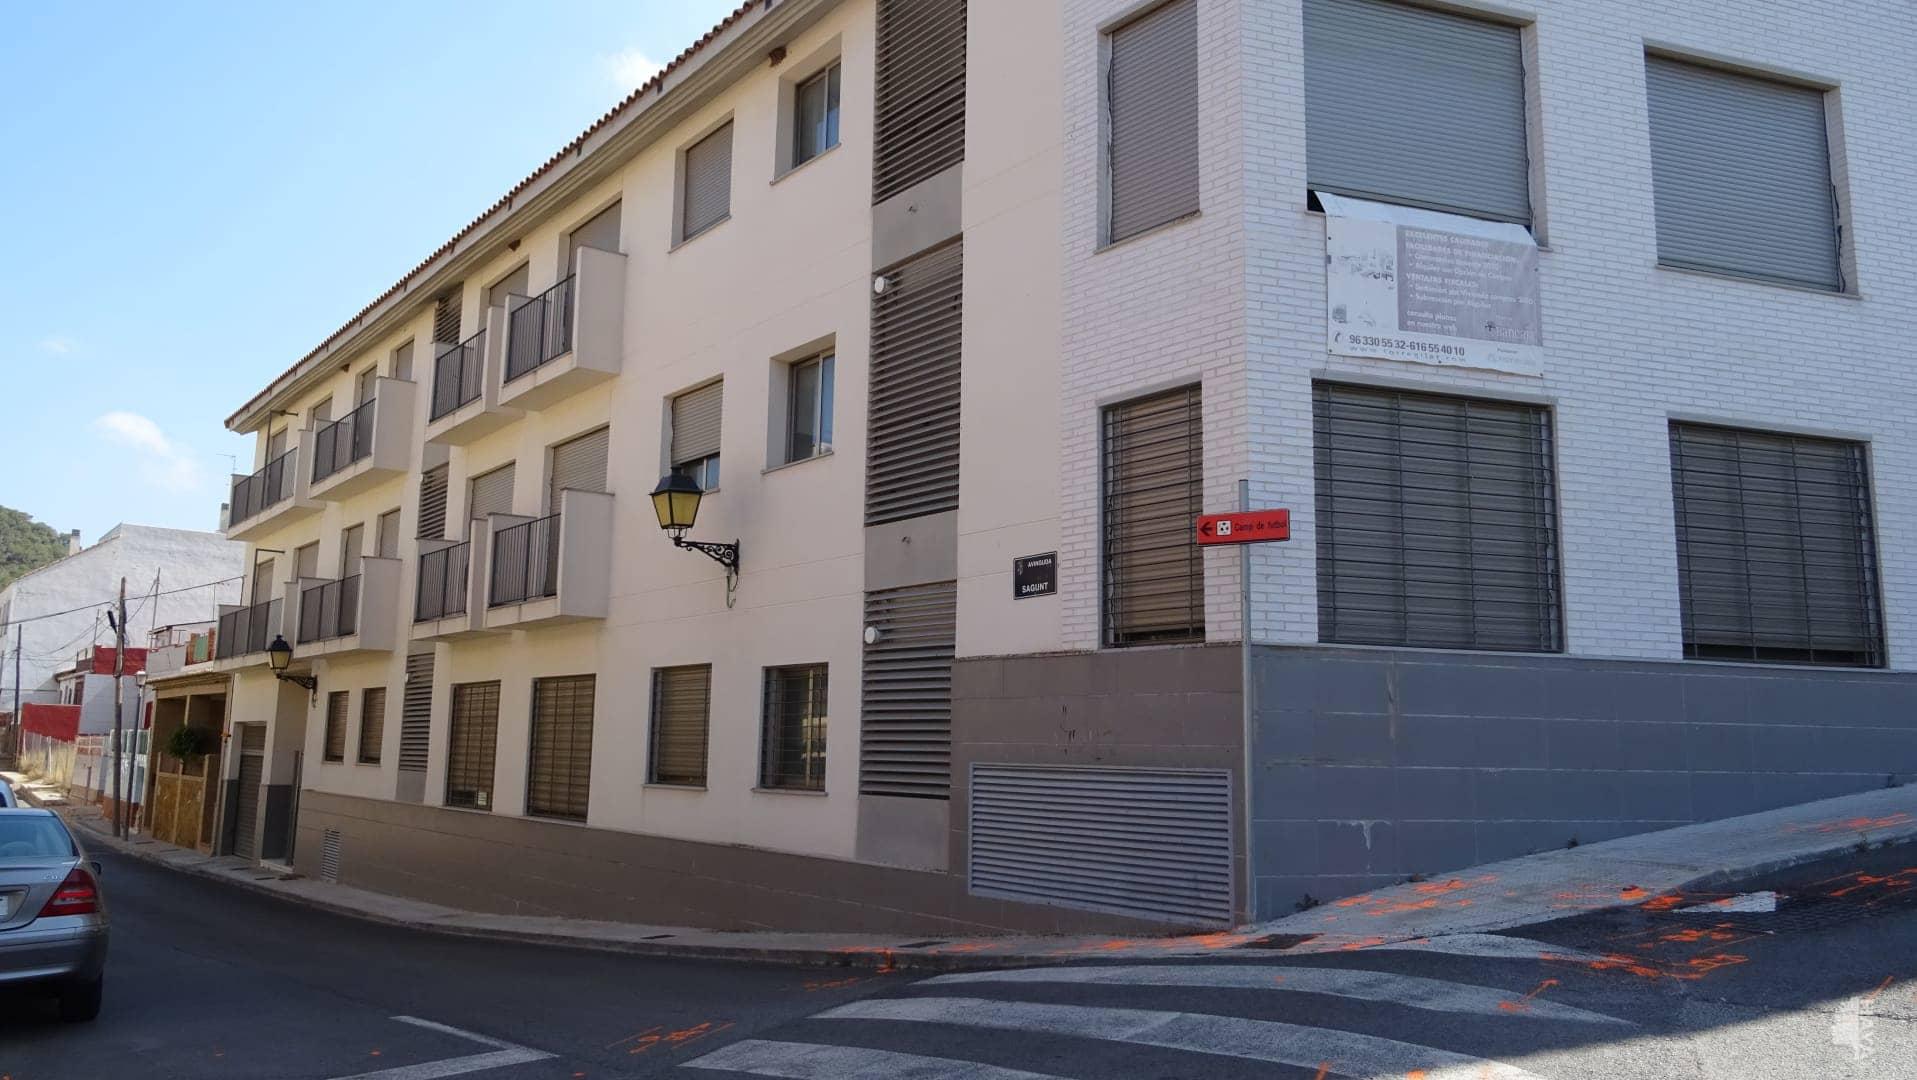 Piso en venta en Gilet, Gilet, Valencia, Calle Sagunt, 98.000 €, 2 habitaciones, 2 baños, 97 m2